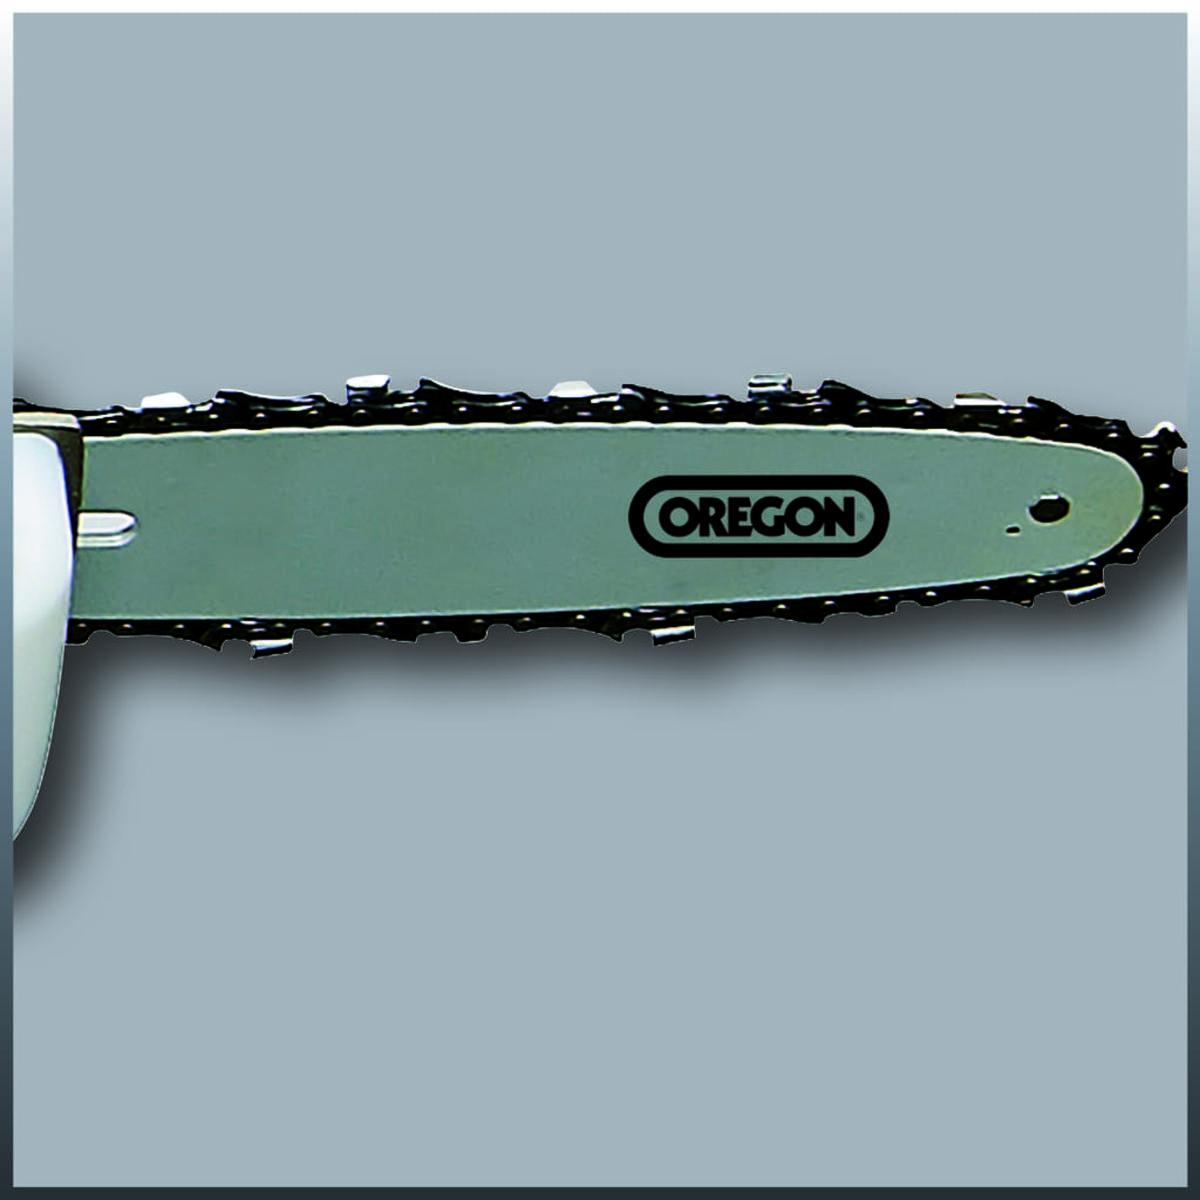 Bild 4 von Einhell Elektro Stab-Heckenschere / -Säge GC-HC 9024 T, Leistung 900 Watt, Schwertlänge Kettensäge 20 cm, Schwertlänge Heckenschere 480 mm, 4501280